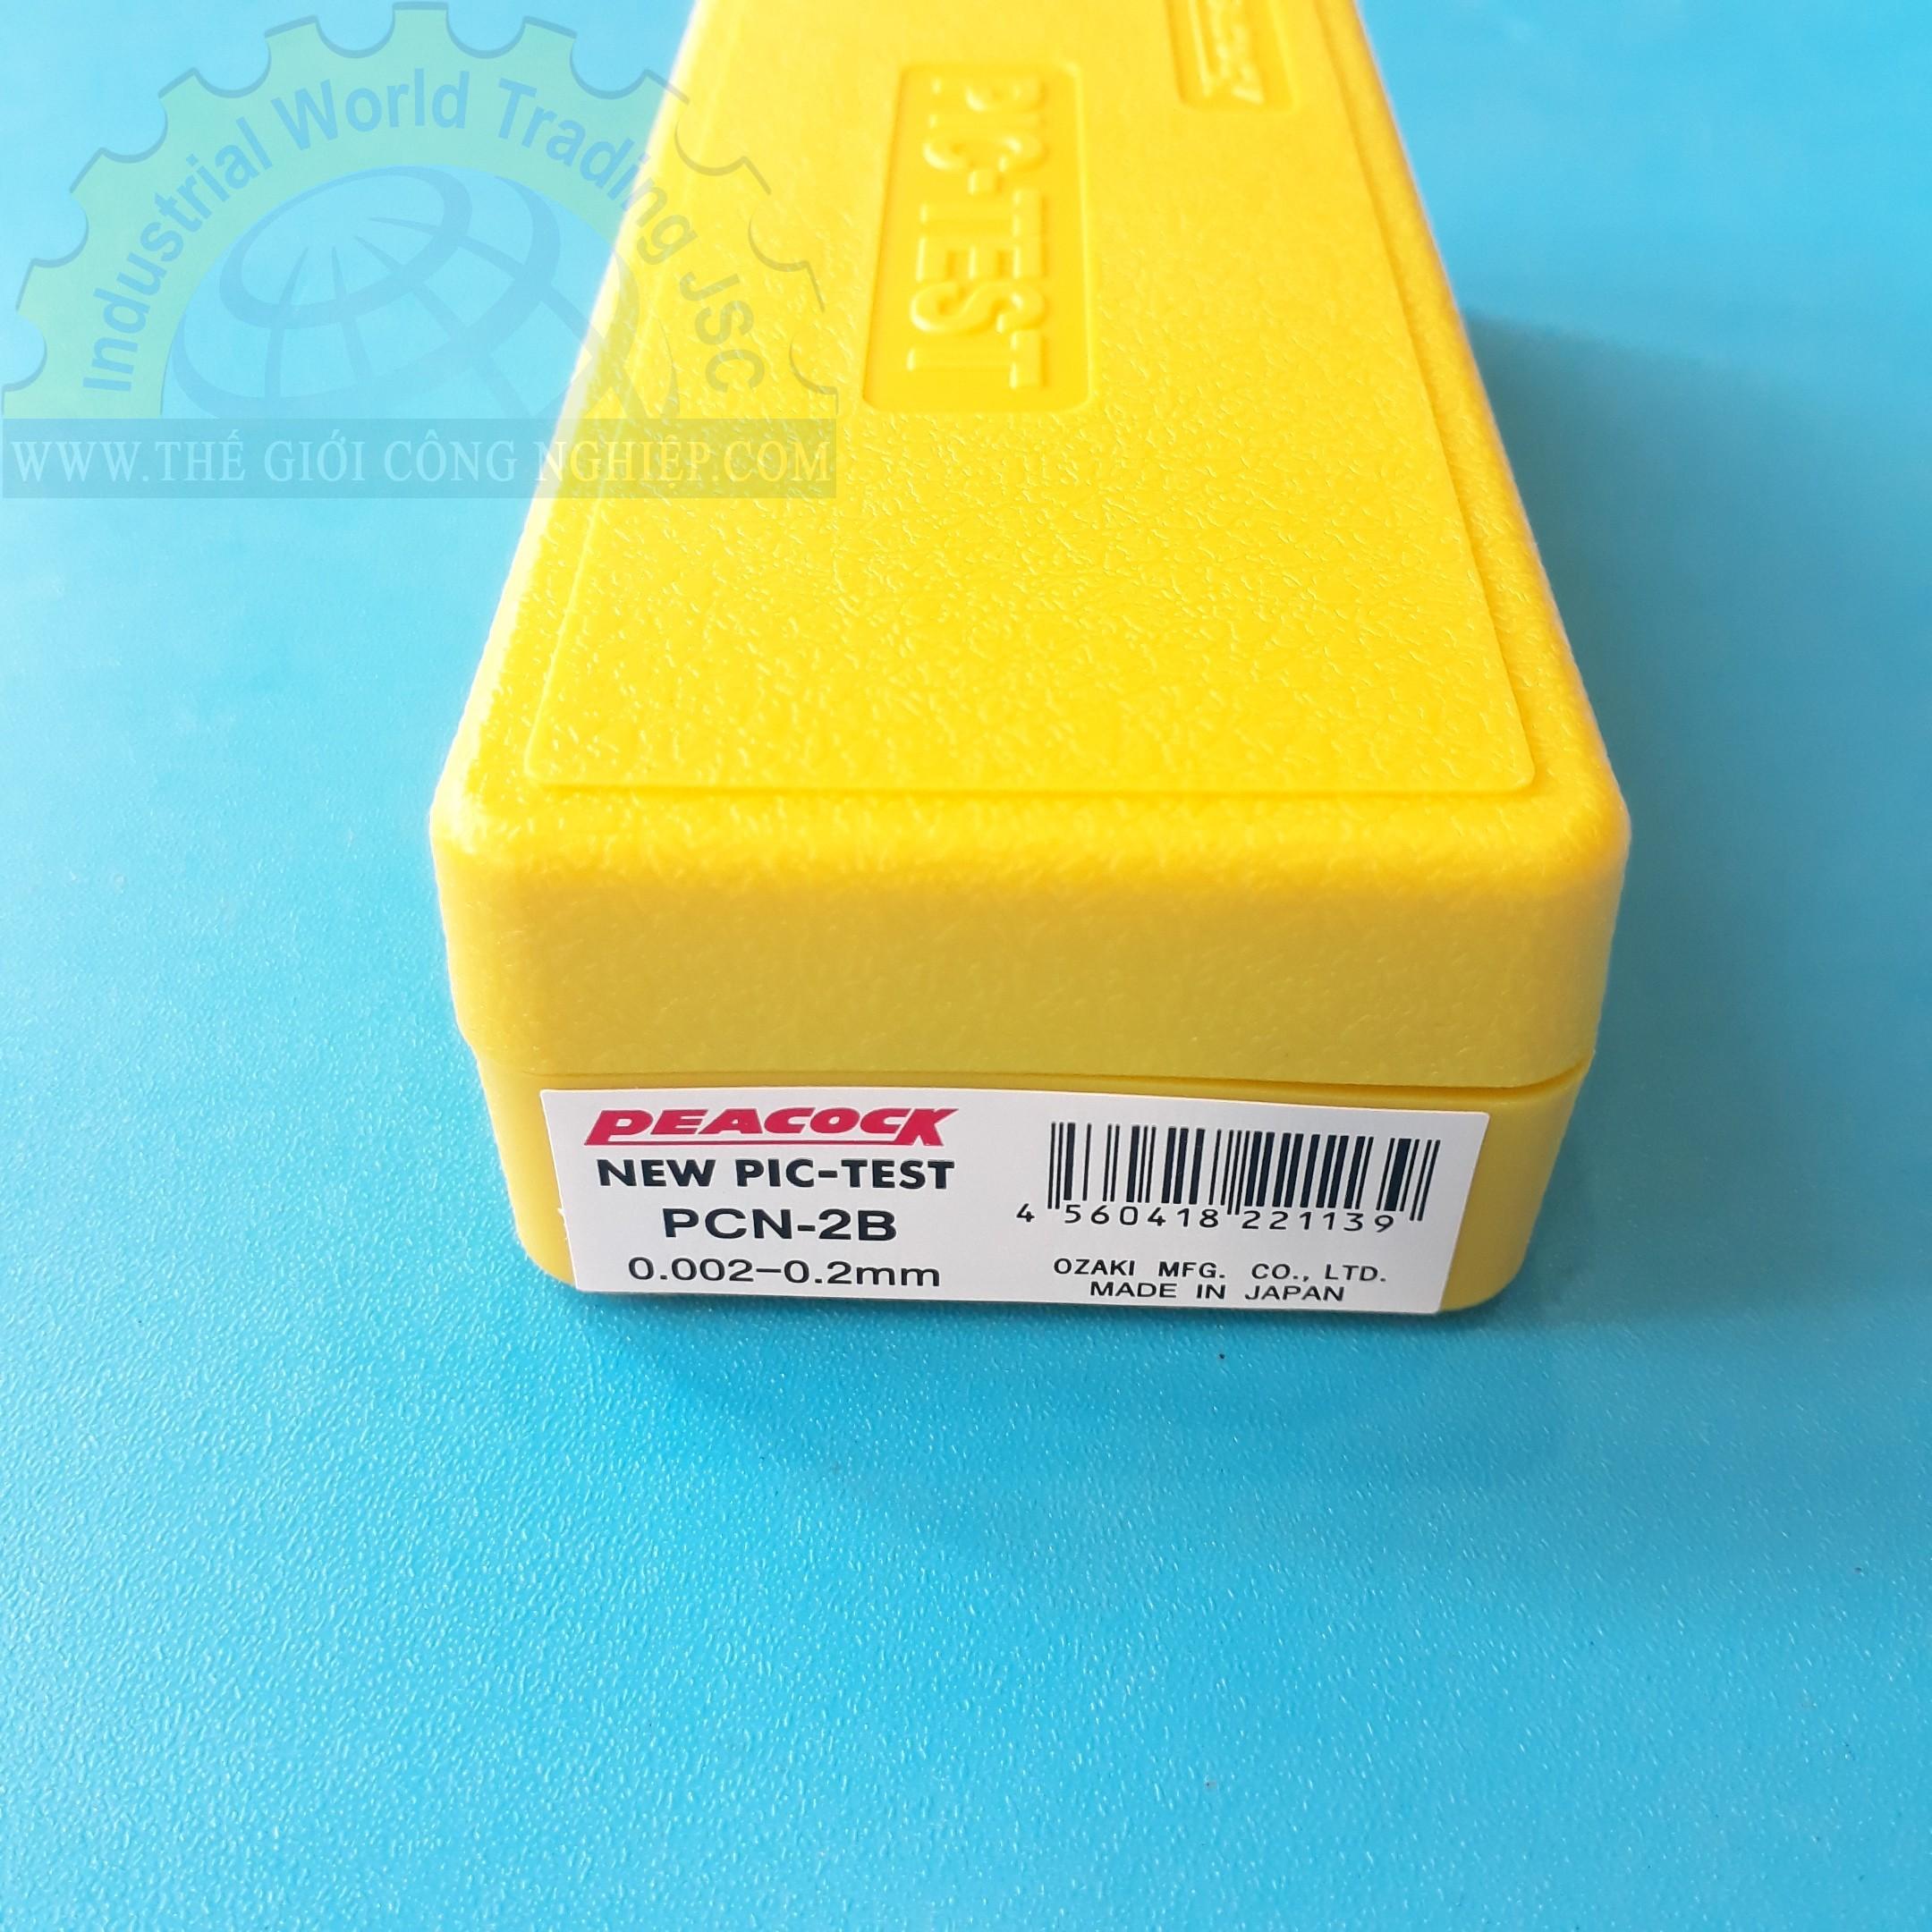 Lever type dial indicators 0.2mm PCN-2B PEACOCK